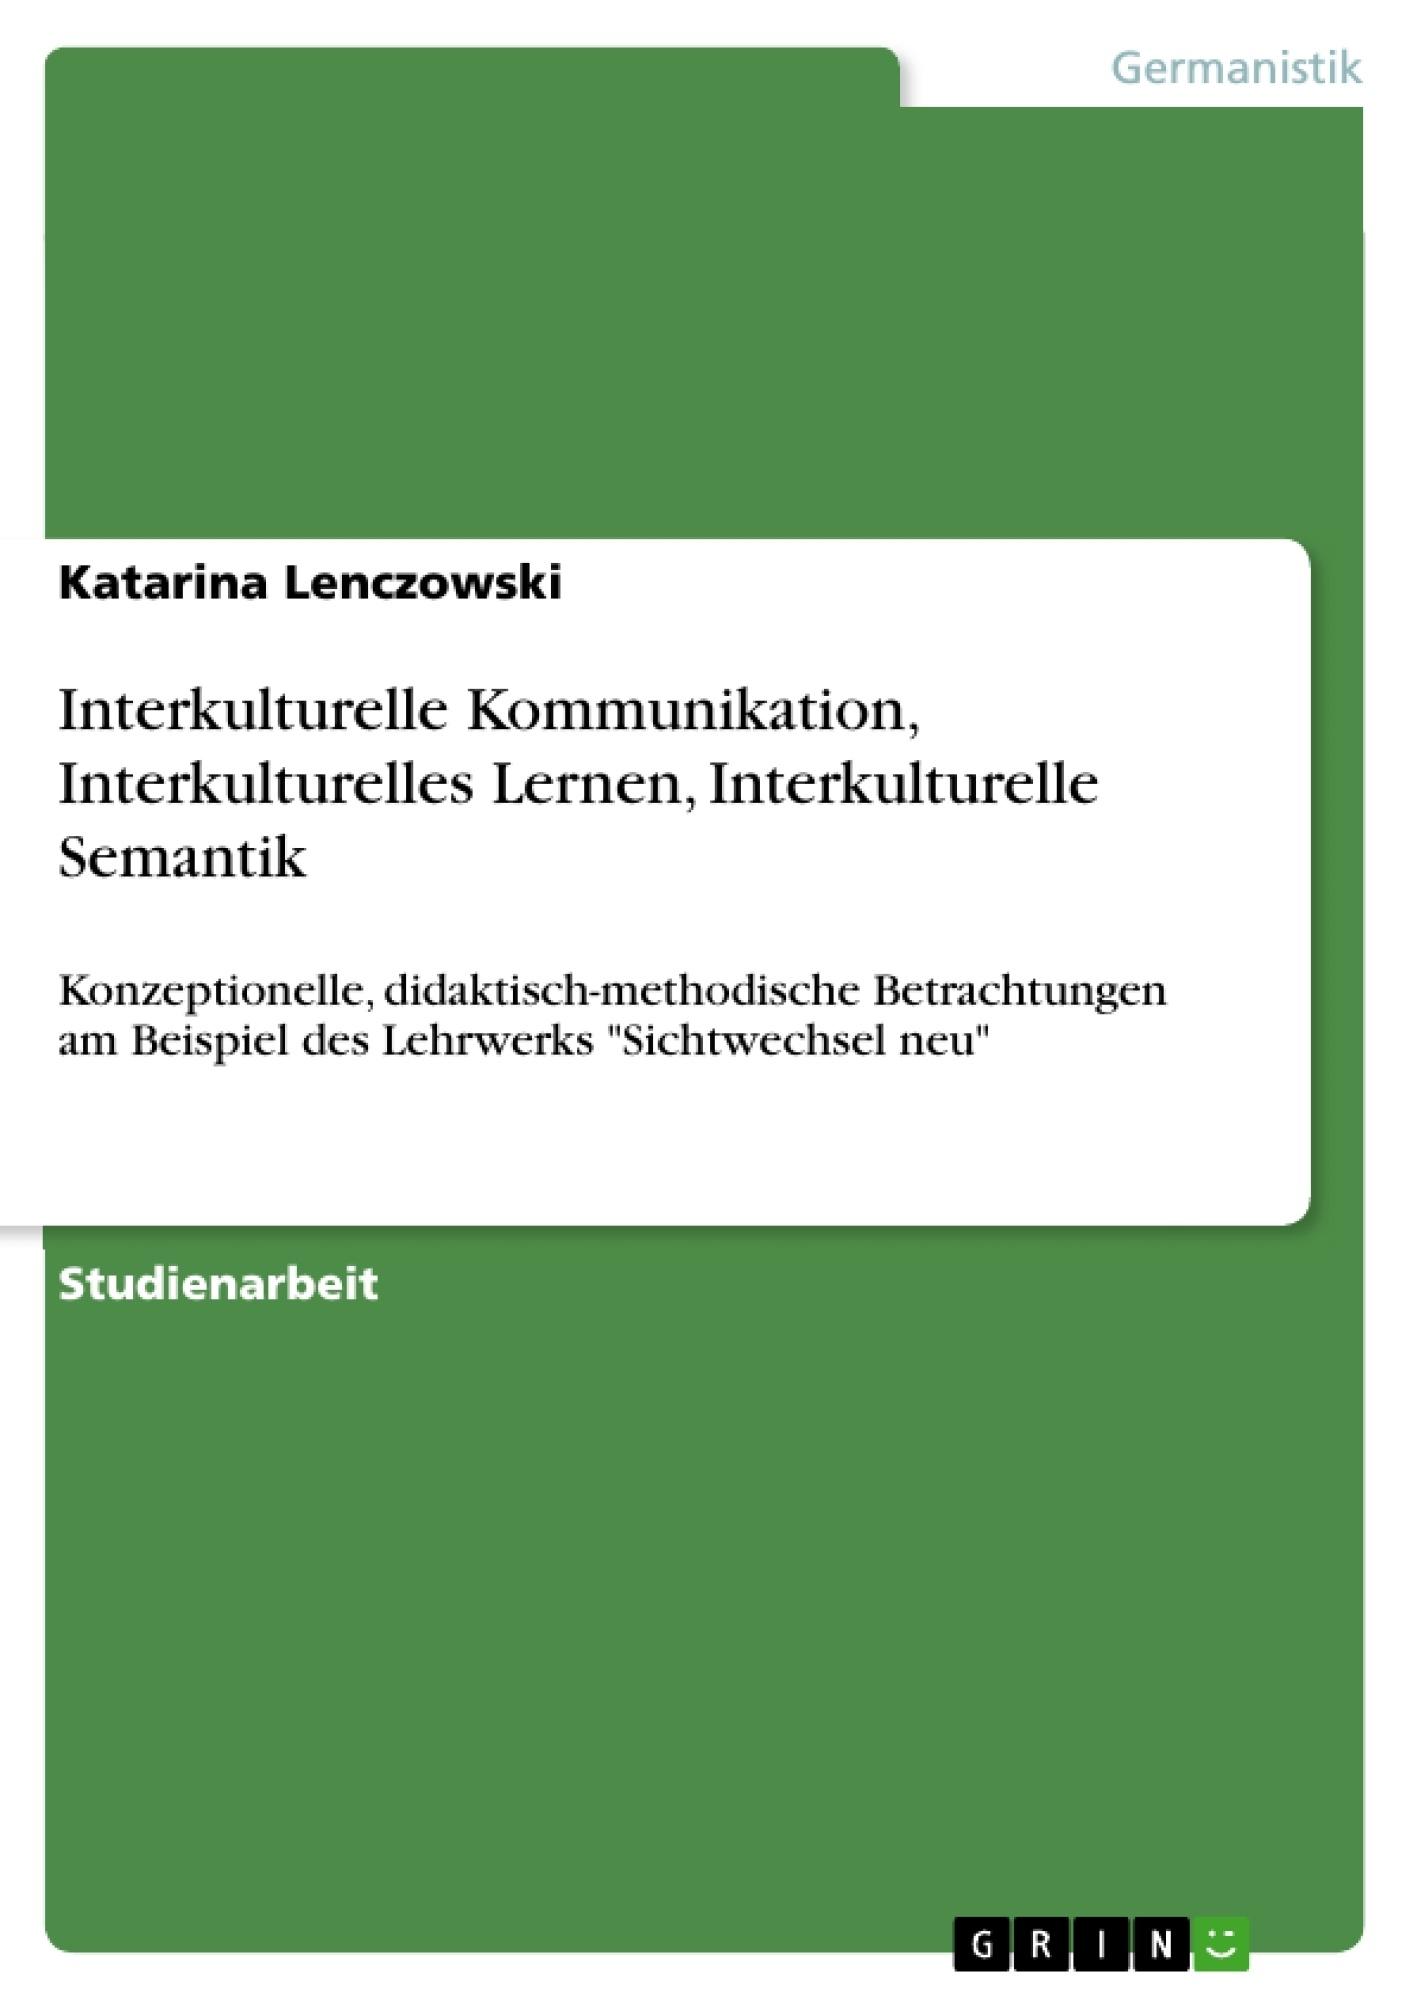 Titel: Interkulturelle Kommunikation, Interkulturelles Lernen, Interkulturelle Semantik